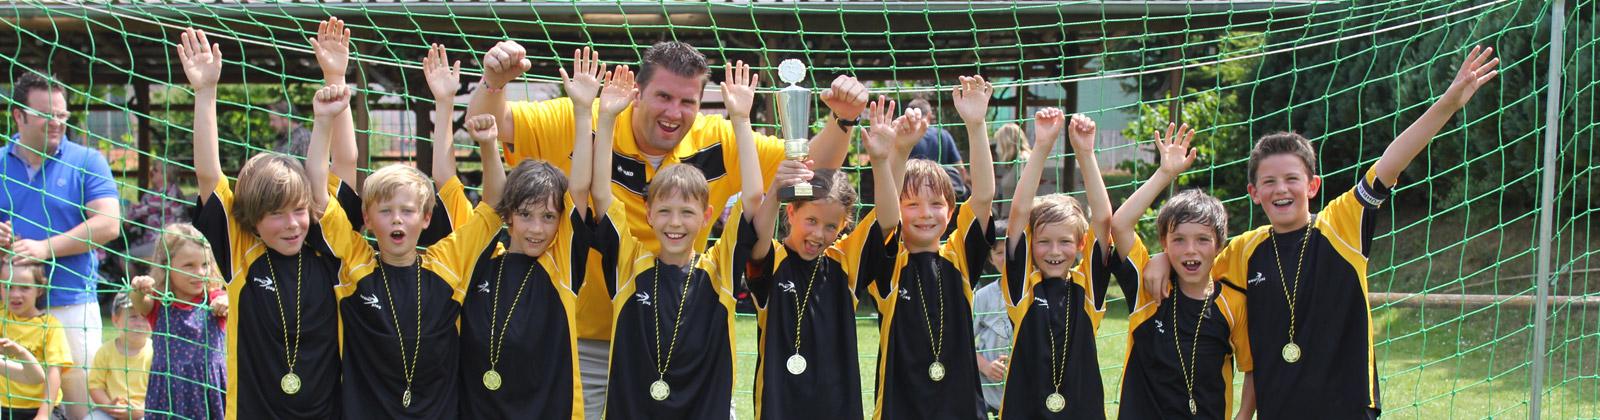 Spieler und Trainer unserer Fussball-Jugendmannschaft freuen sich auf Grund des gewonnenen Pokals beim Willi-Mark-Turnier.